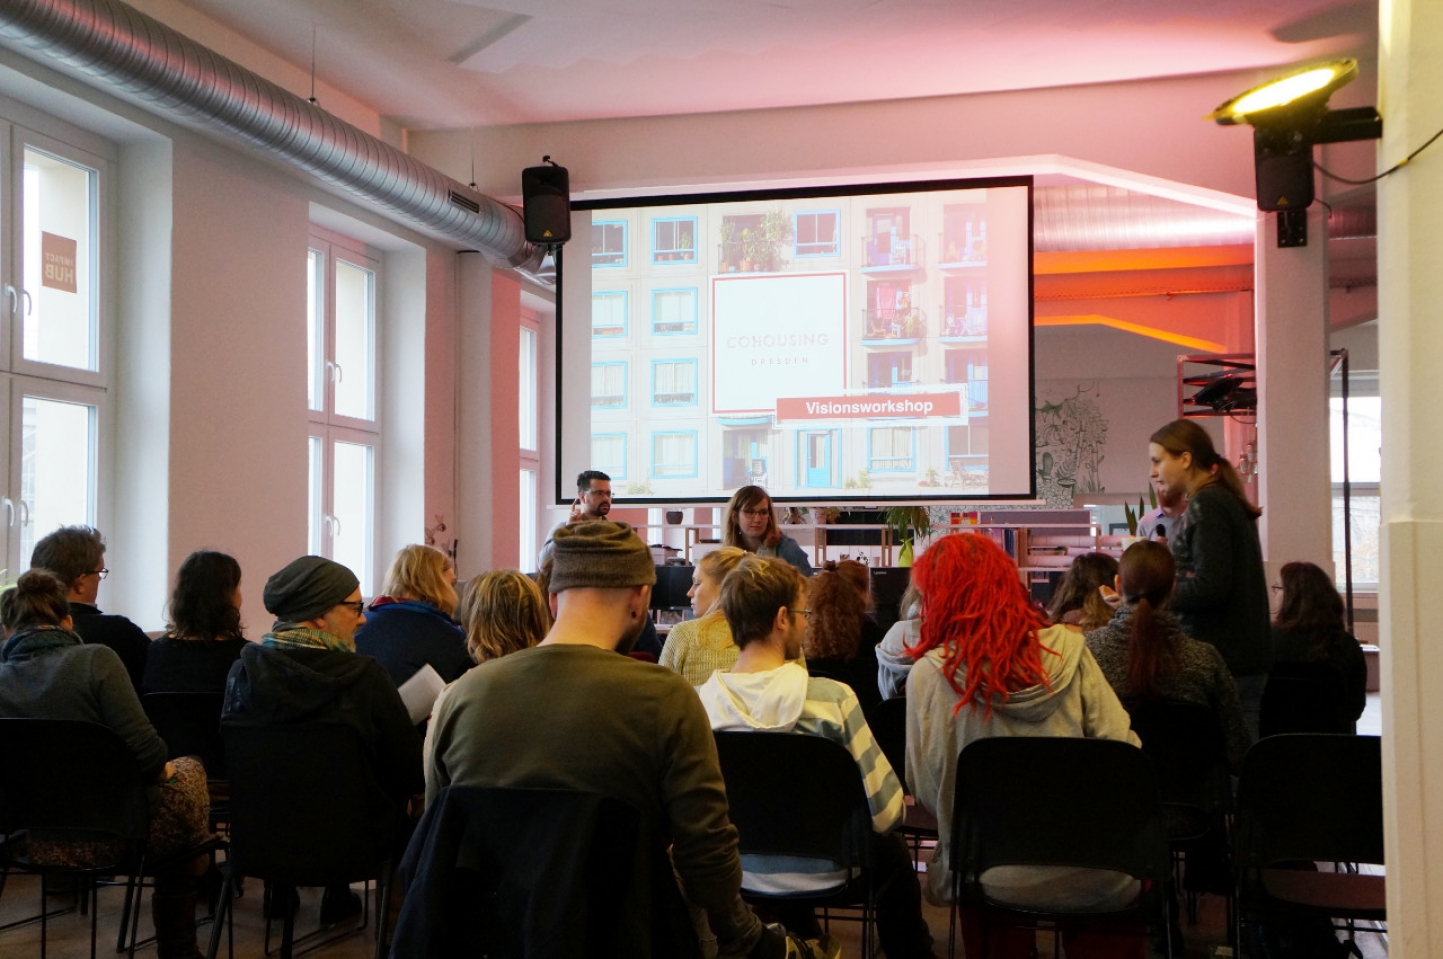 Visionsworkshop im Impact Hub Dresden - Auftakt